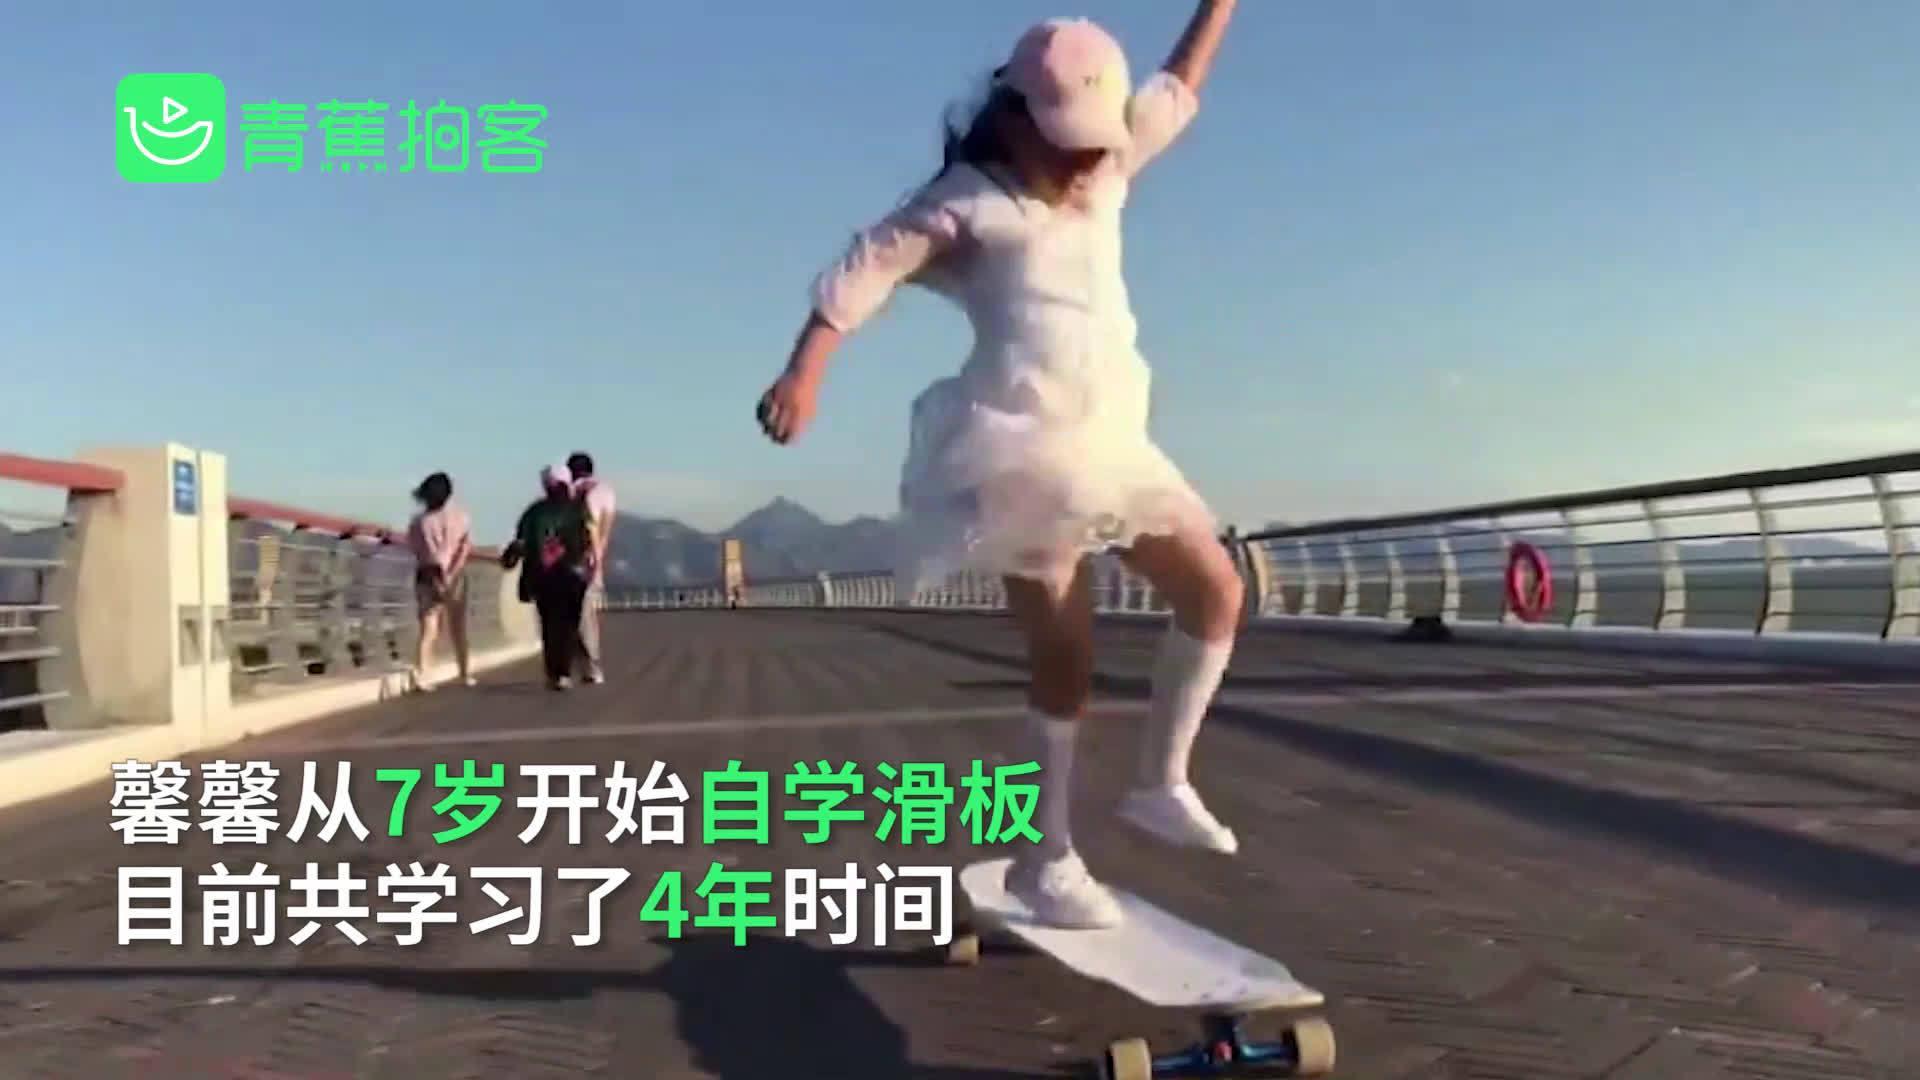 追风少女!11岁女孩玩滑板1月磨坏3双鞋 父亲当专职摄像师跟拍4年